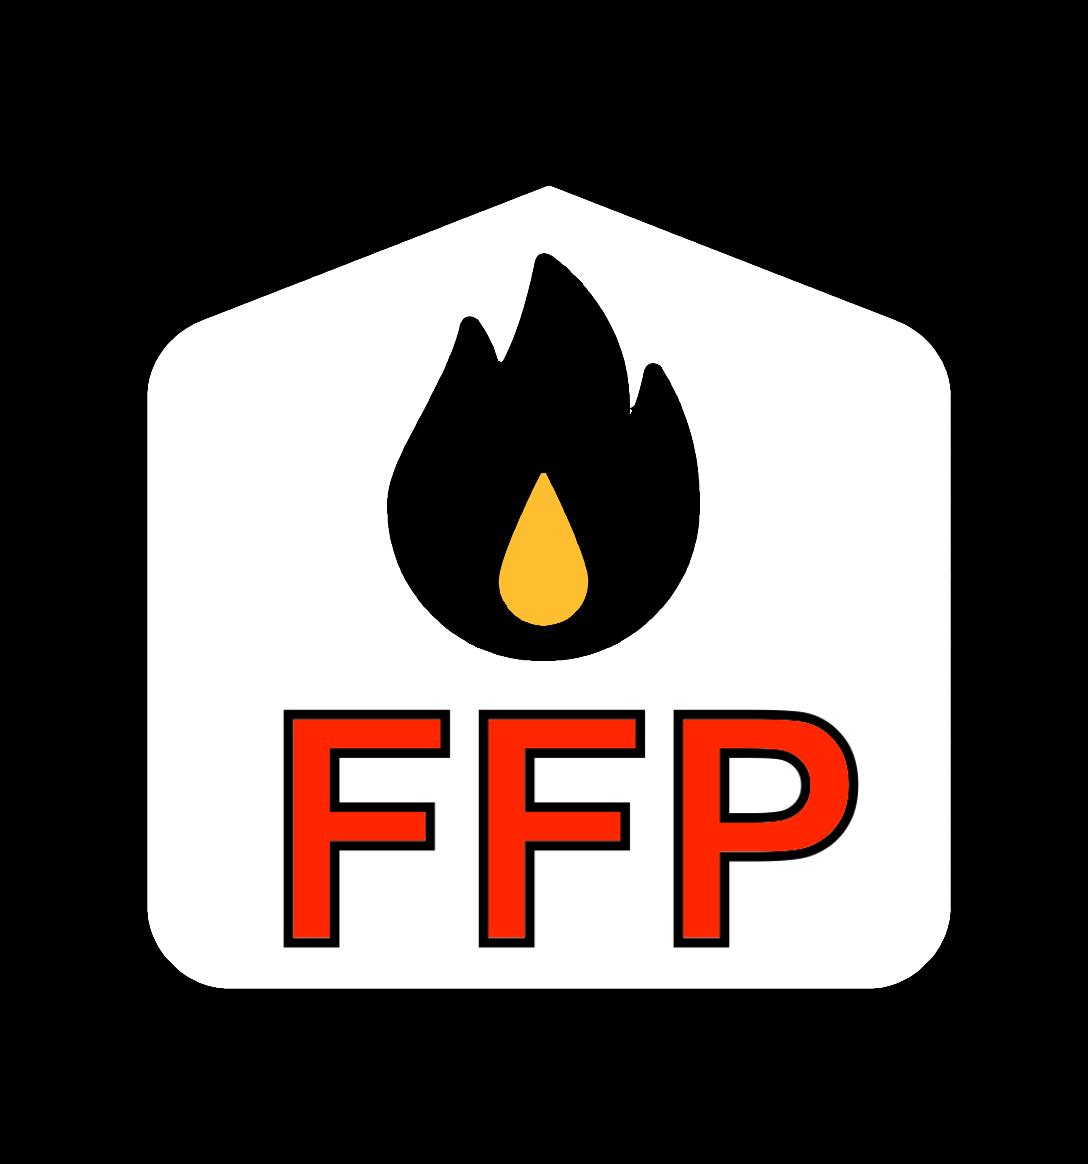 Firefighter Recruitment Test